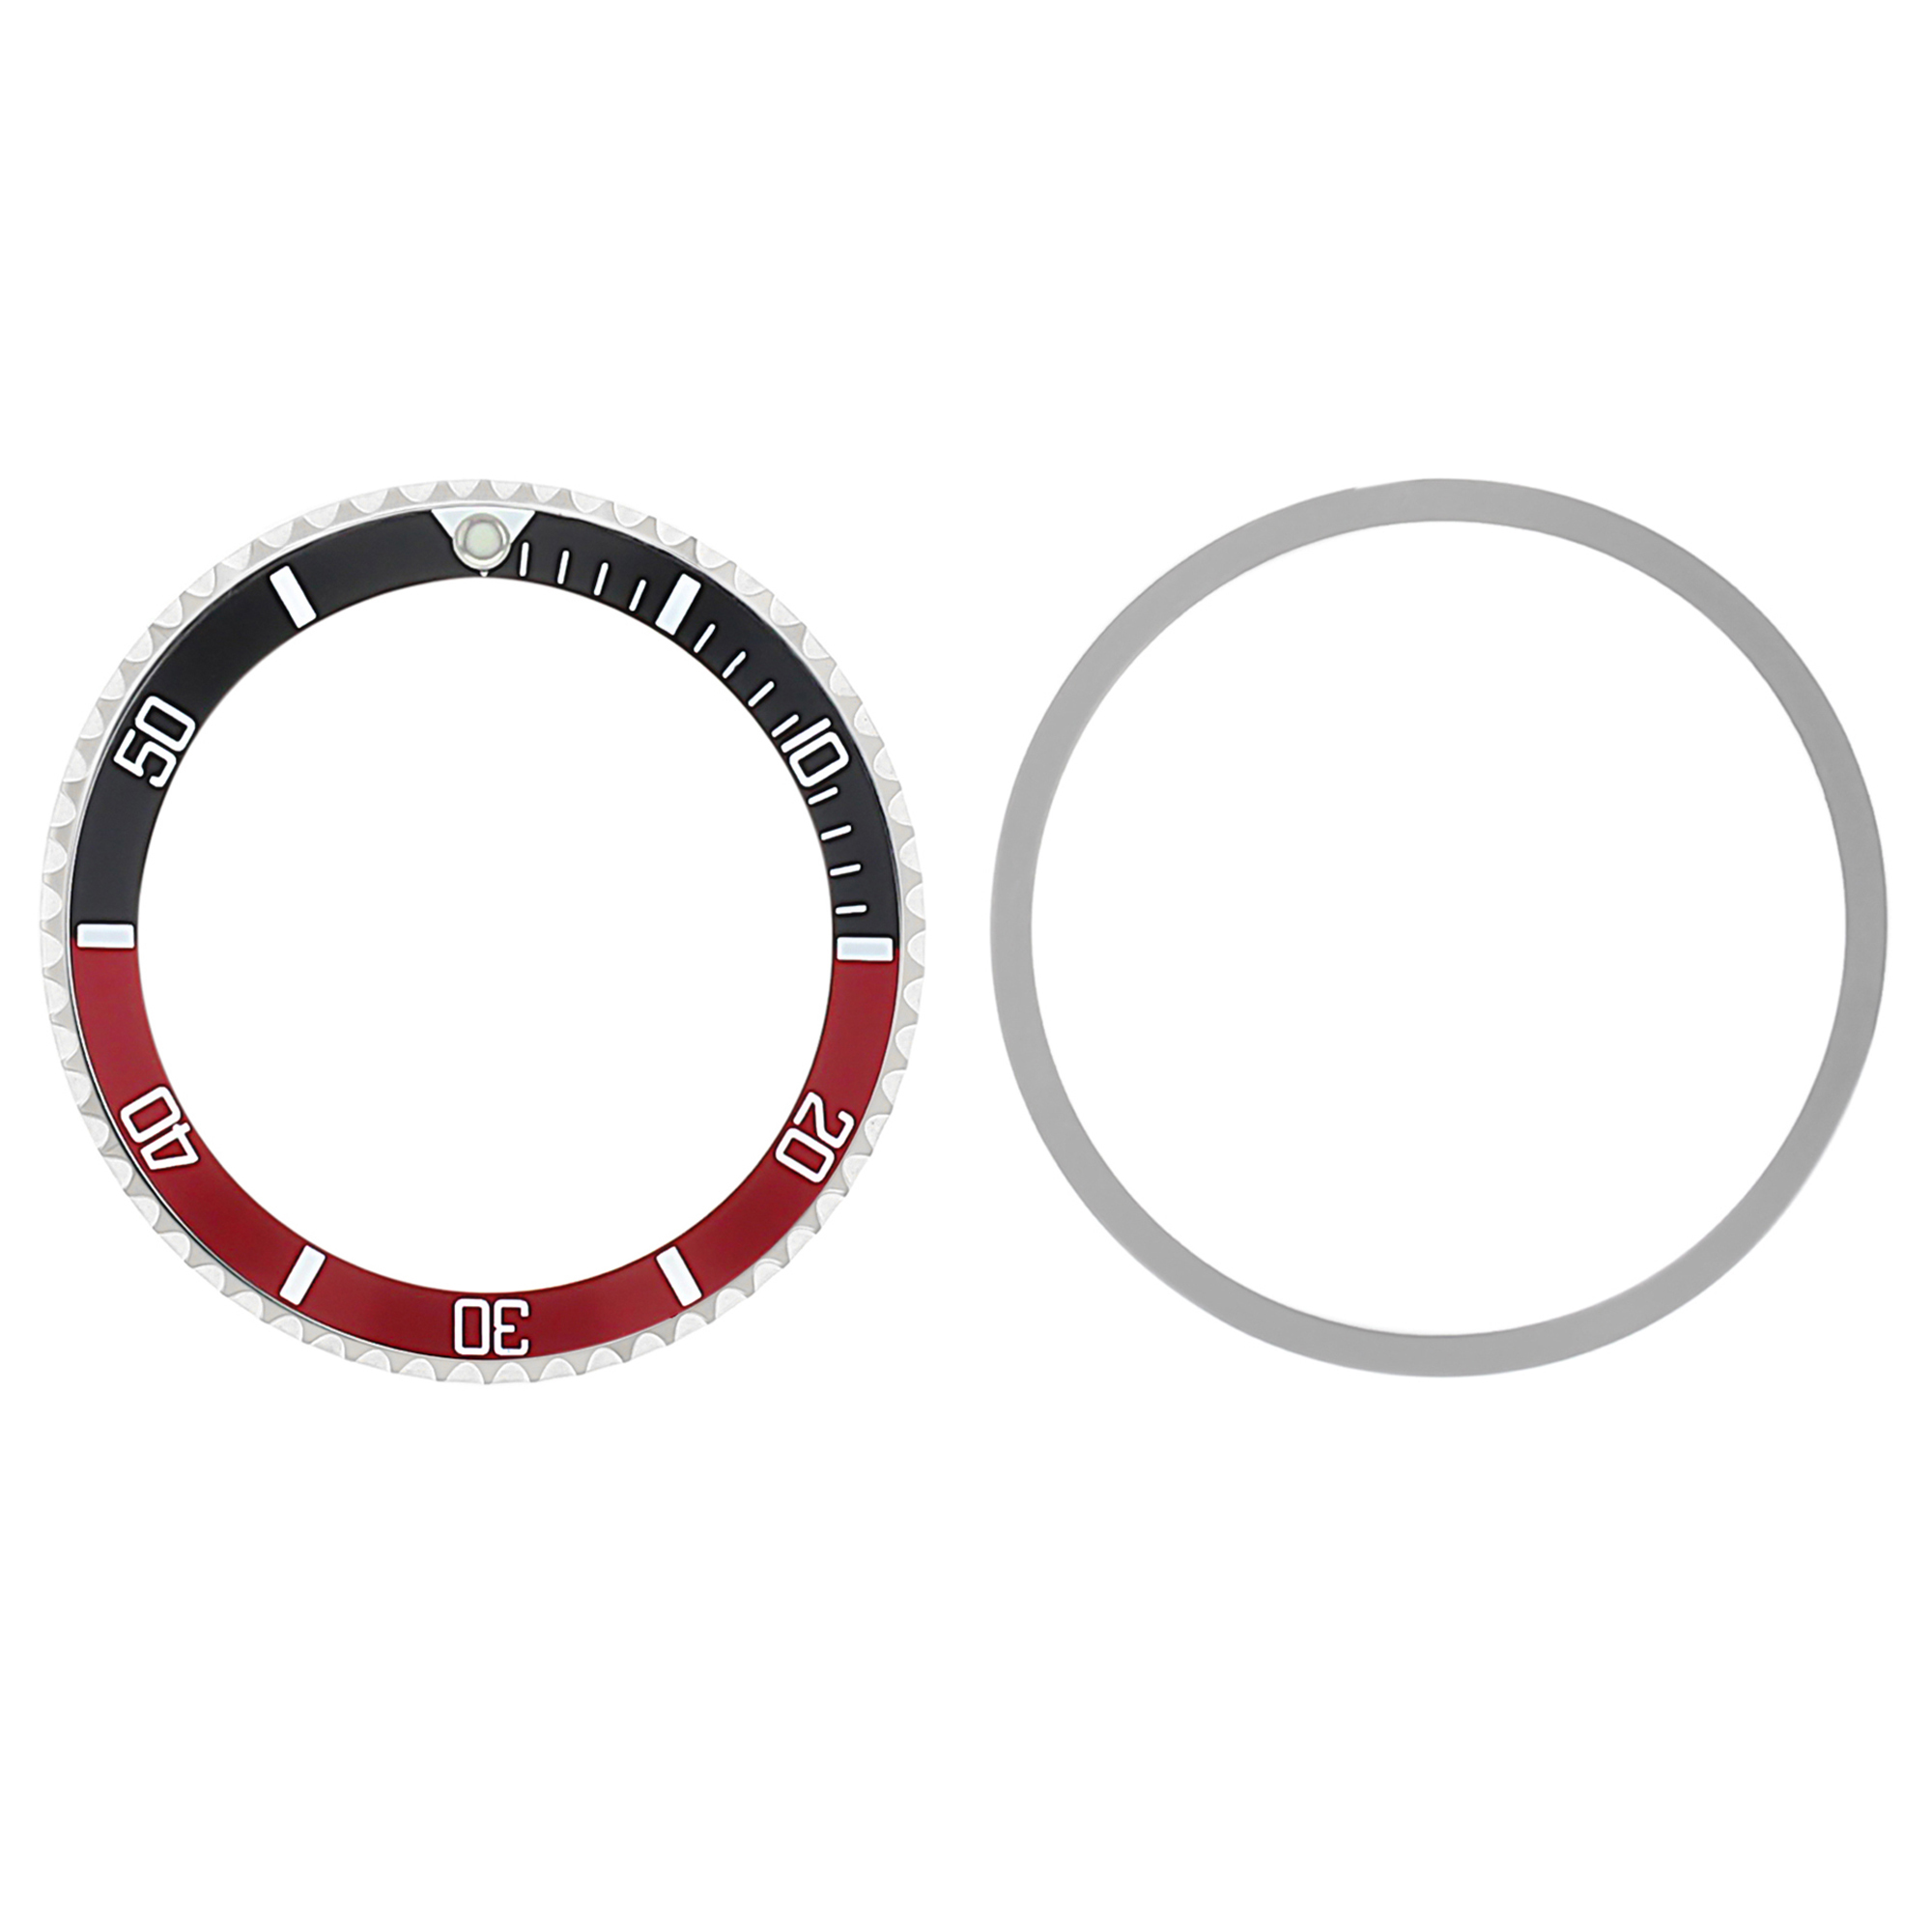 BEZEL + INSERT FOR  ROLEX SUBMARINER 76100 94010 WATCH INSTALLED BLACK/RED